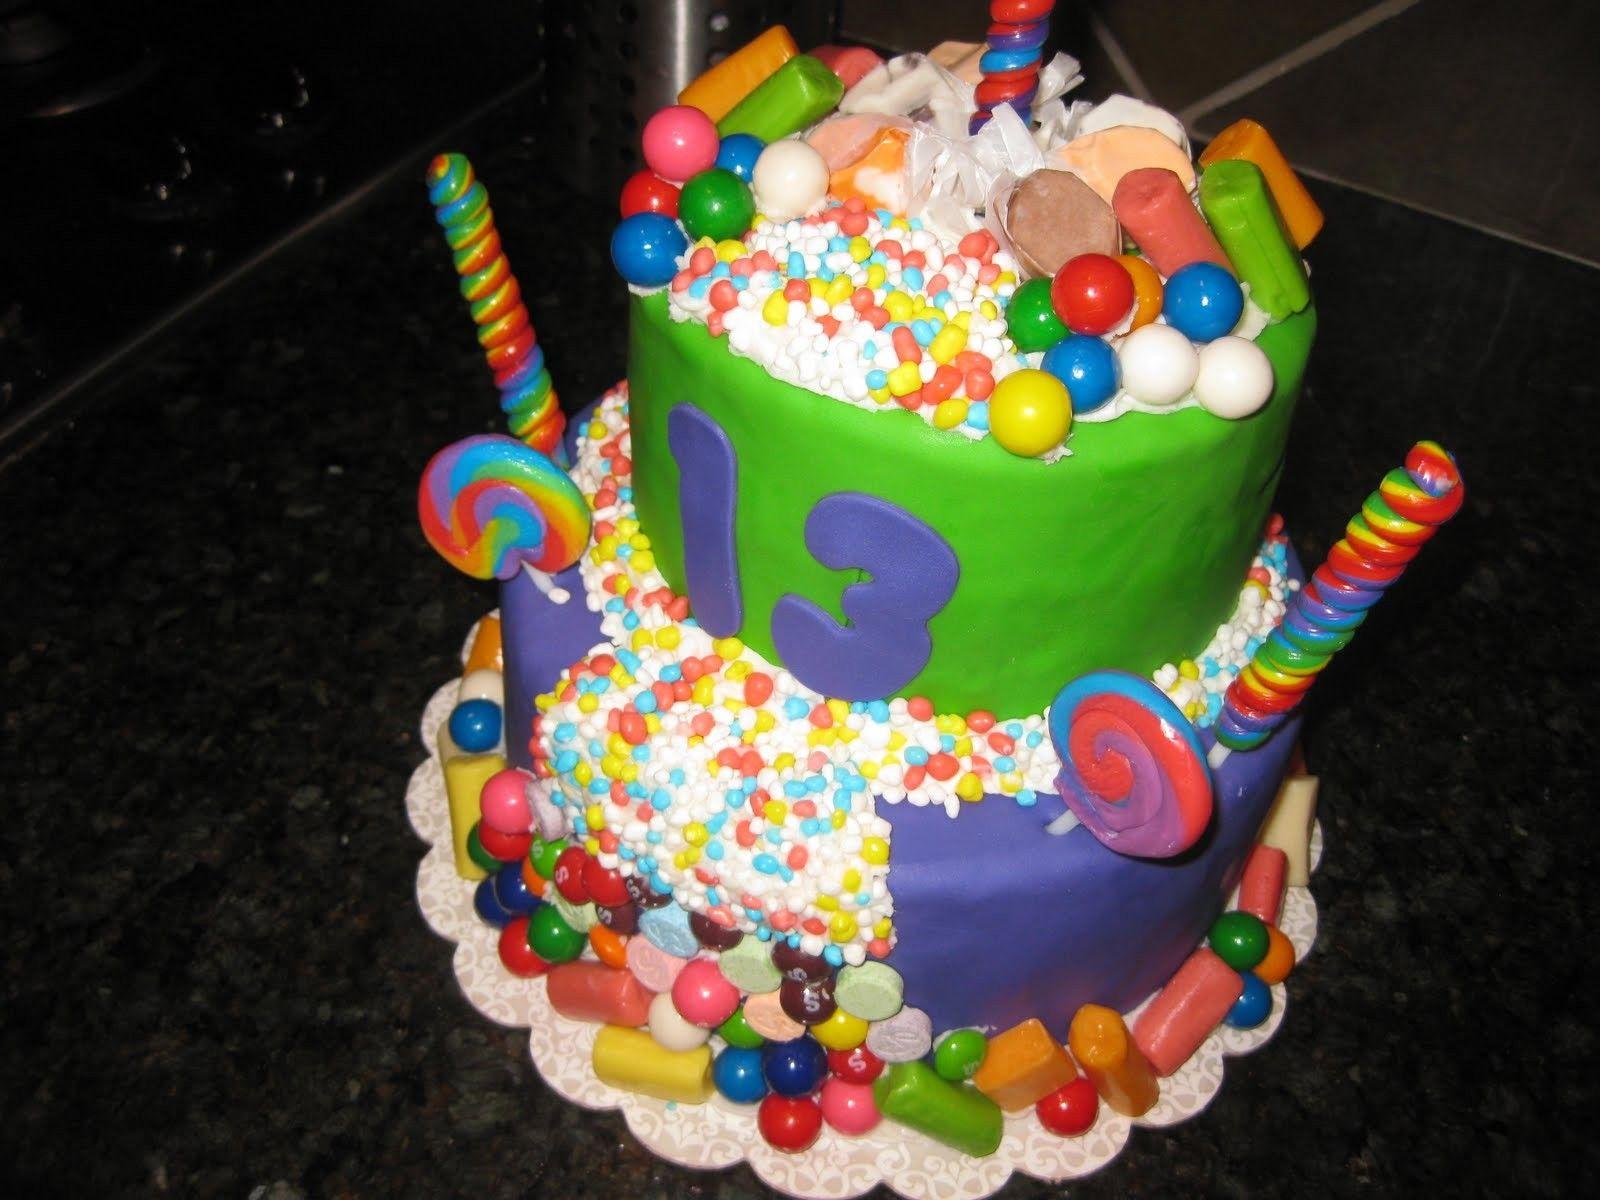 Cake Ideas For 13th Birthday Boy : Thirteenth+Birthday+Cake+Ideas ... 13th birthday cake ...